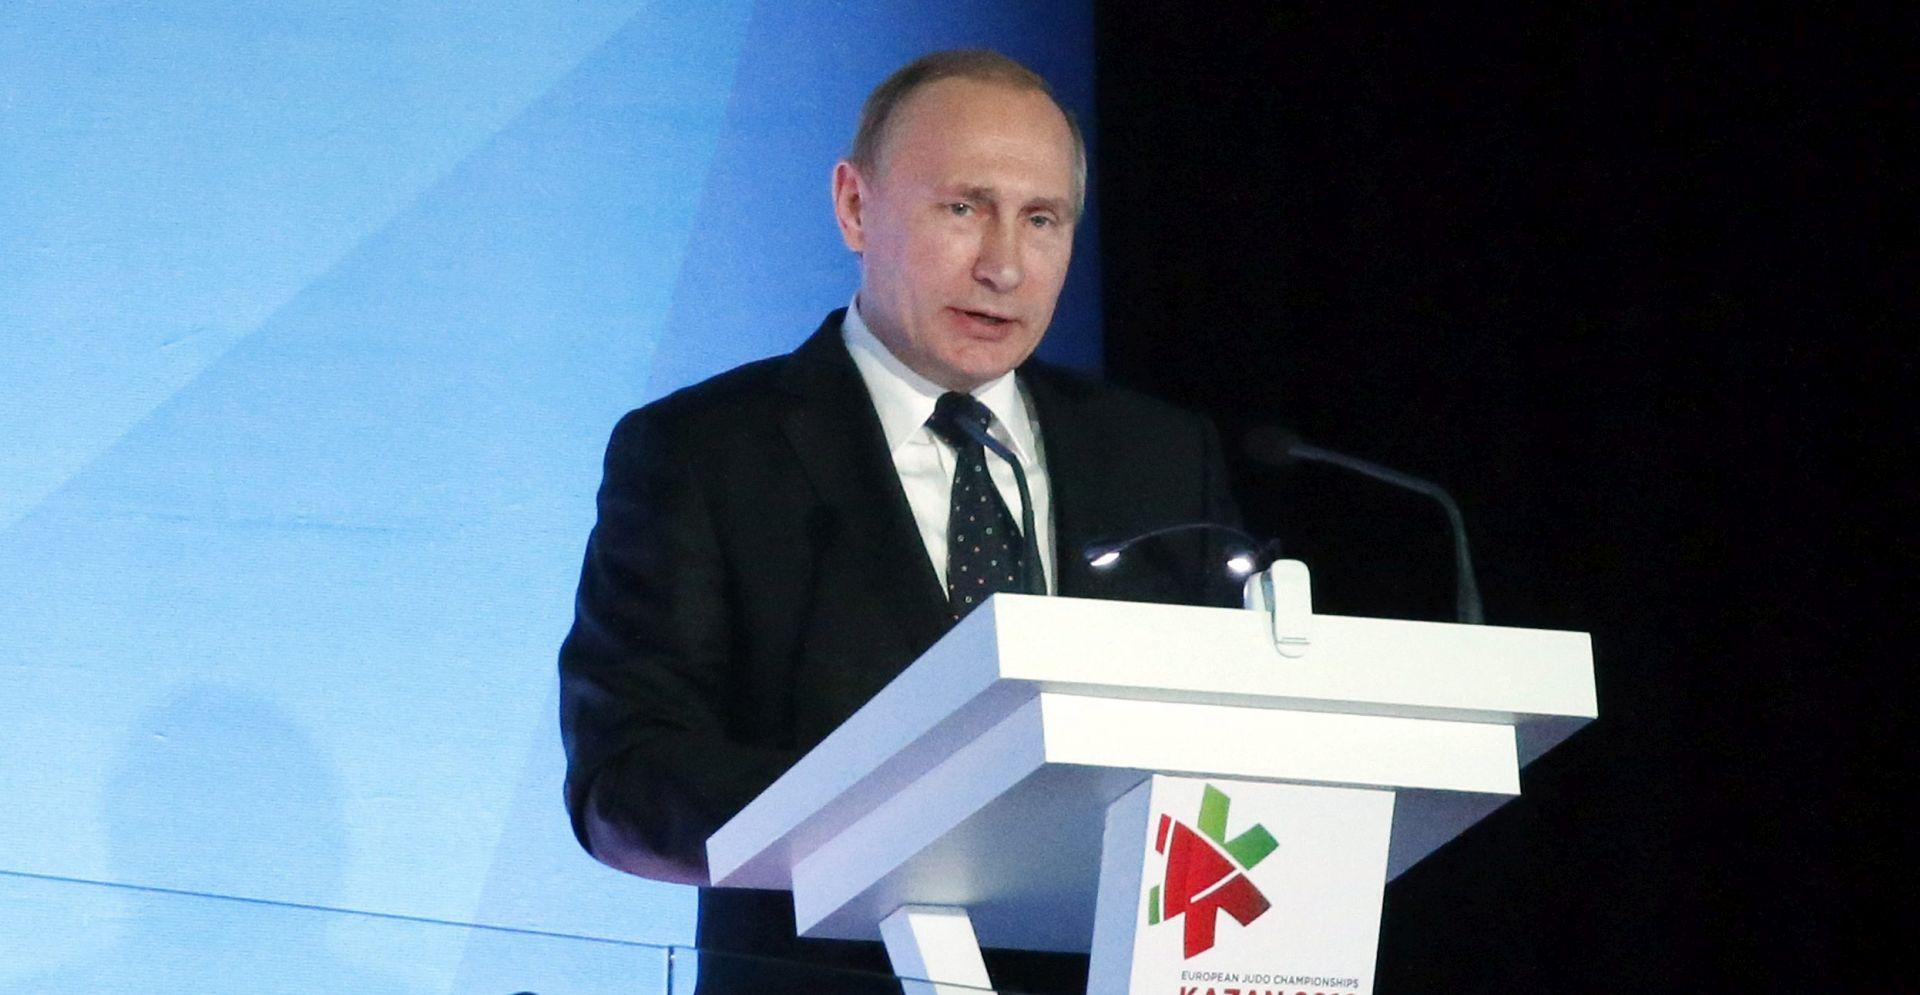 POTVRĐEN DOLAZAK: Vladimir Putin u Sloveniji 31. srpnja